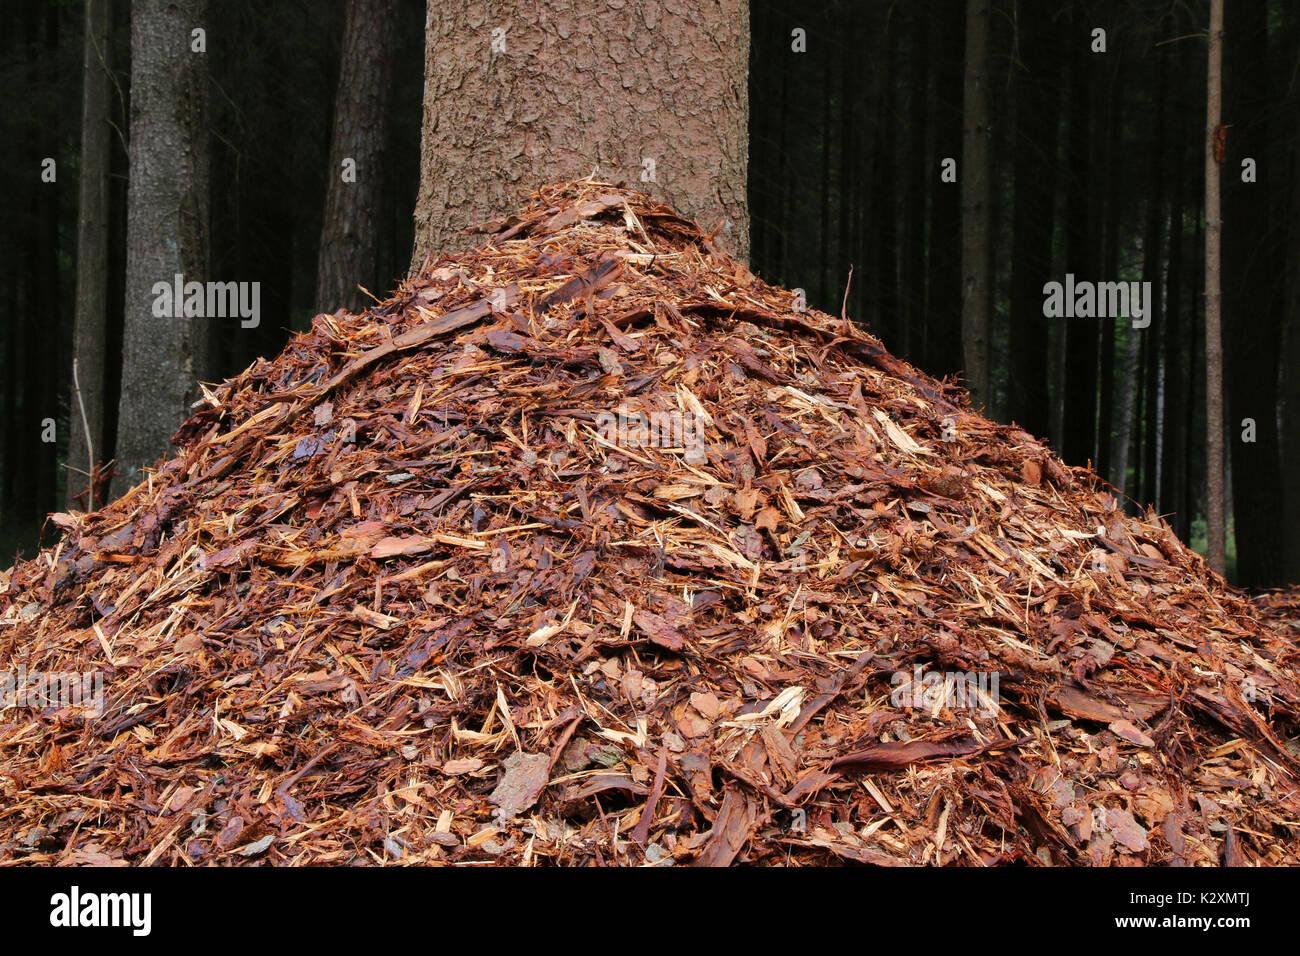 Baumrinde, Rinde, Baeume, Mulch, Wald, Forst, Holz, Natur, Baeume - Stock Image